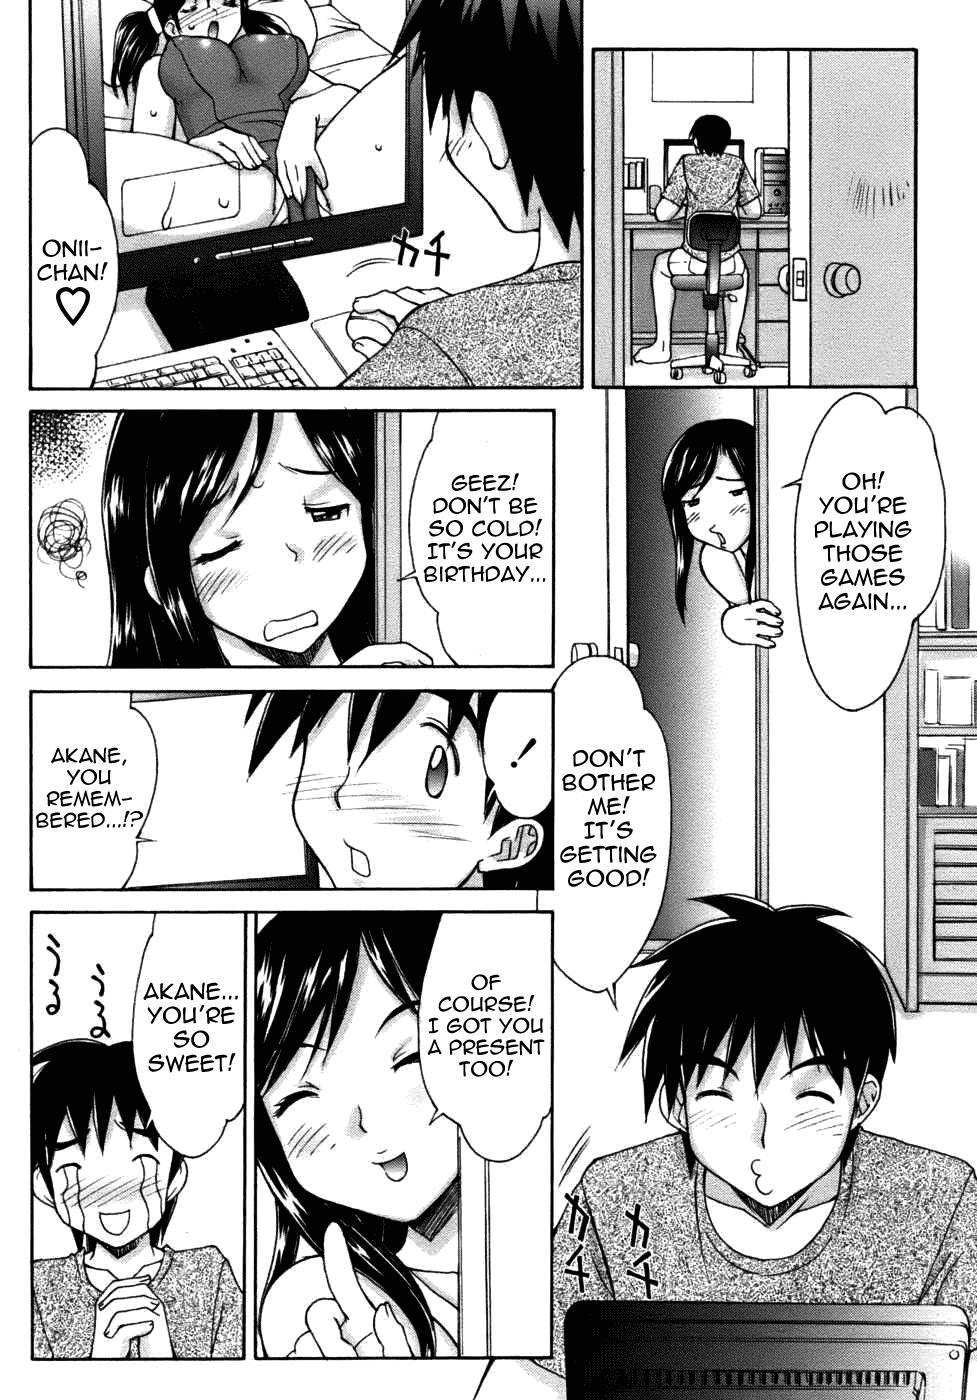 [Mizuyoukan] My Little Sister ~Akane~ Special (Kunoichi Tsubaki Chinpouchou Chapter 10) [ENG] [Yoroshii] 5